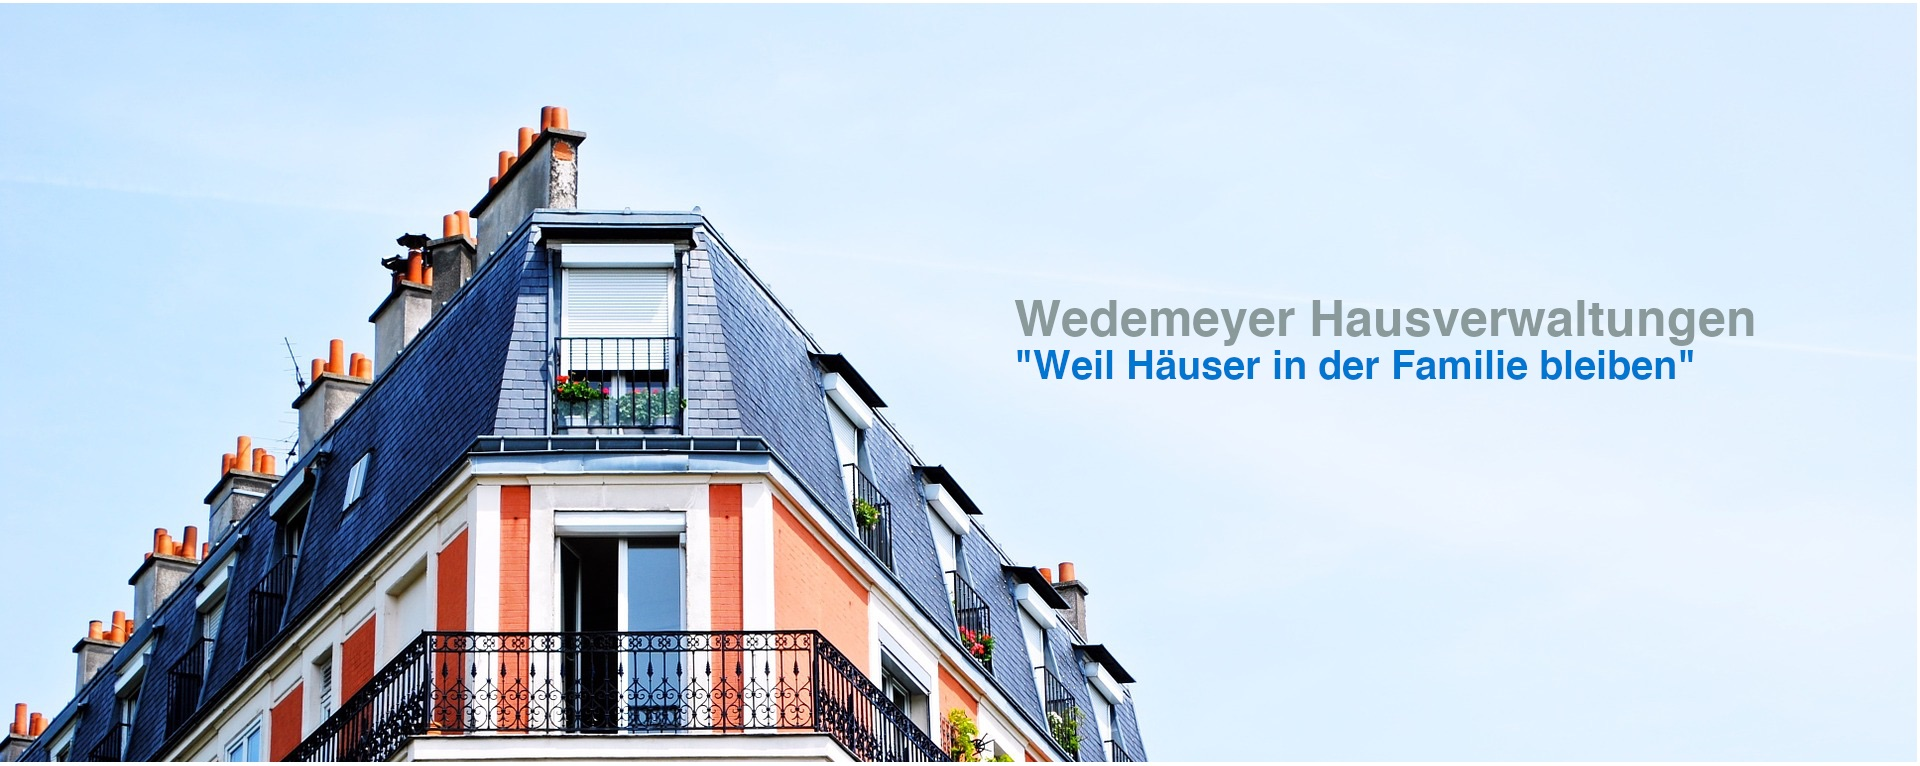 Hausverwaltung Celle